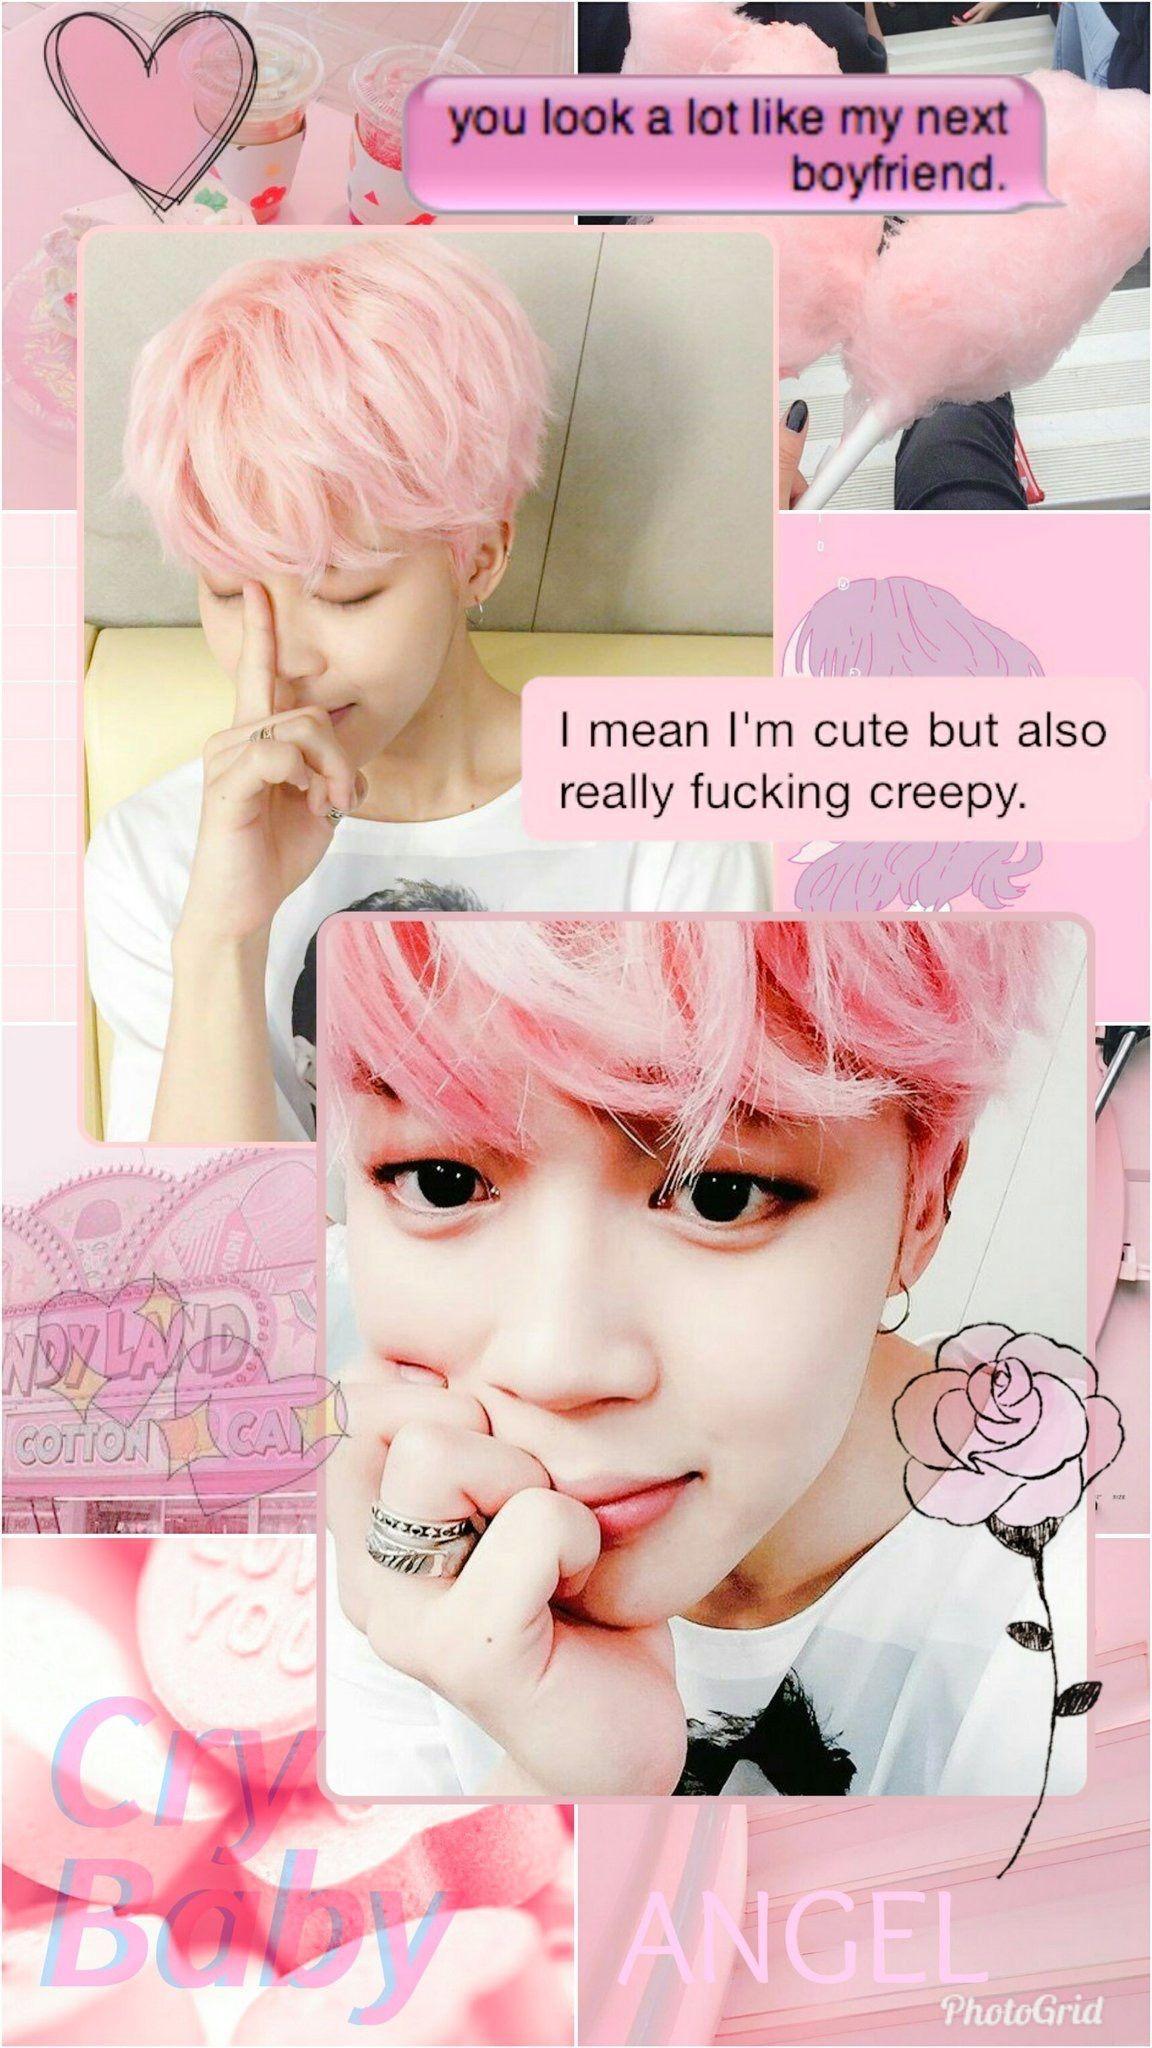 4k phone iphone bts (kpop 방탄소년단) butter jungkook (정국) car wash mobile wallpaper. Jimin Aesthetic Pink Wallpapers - Wallpaper Cave